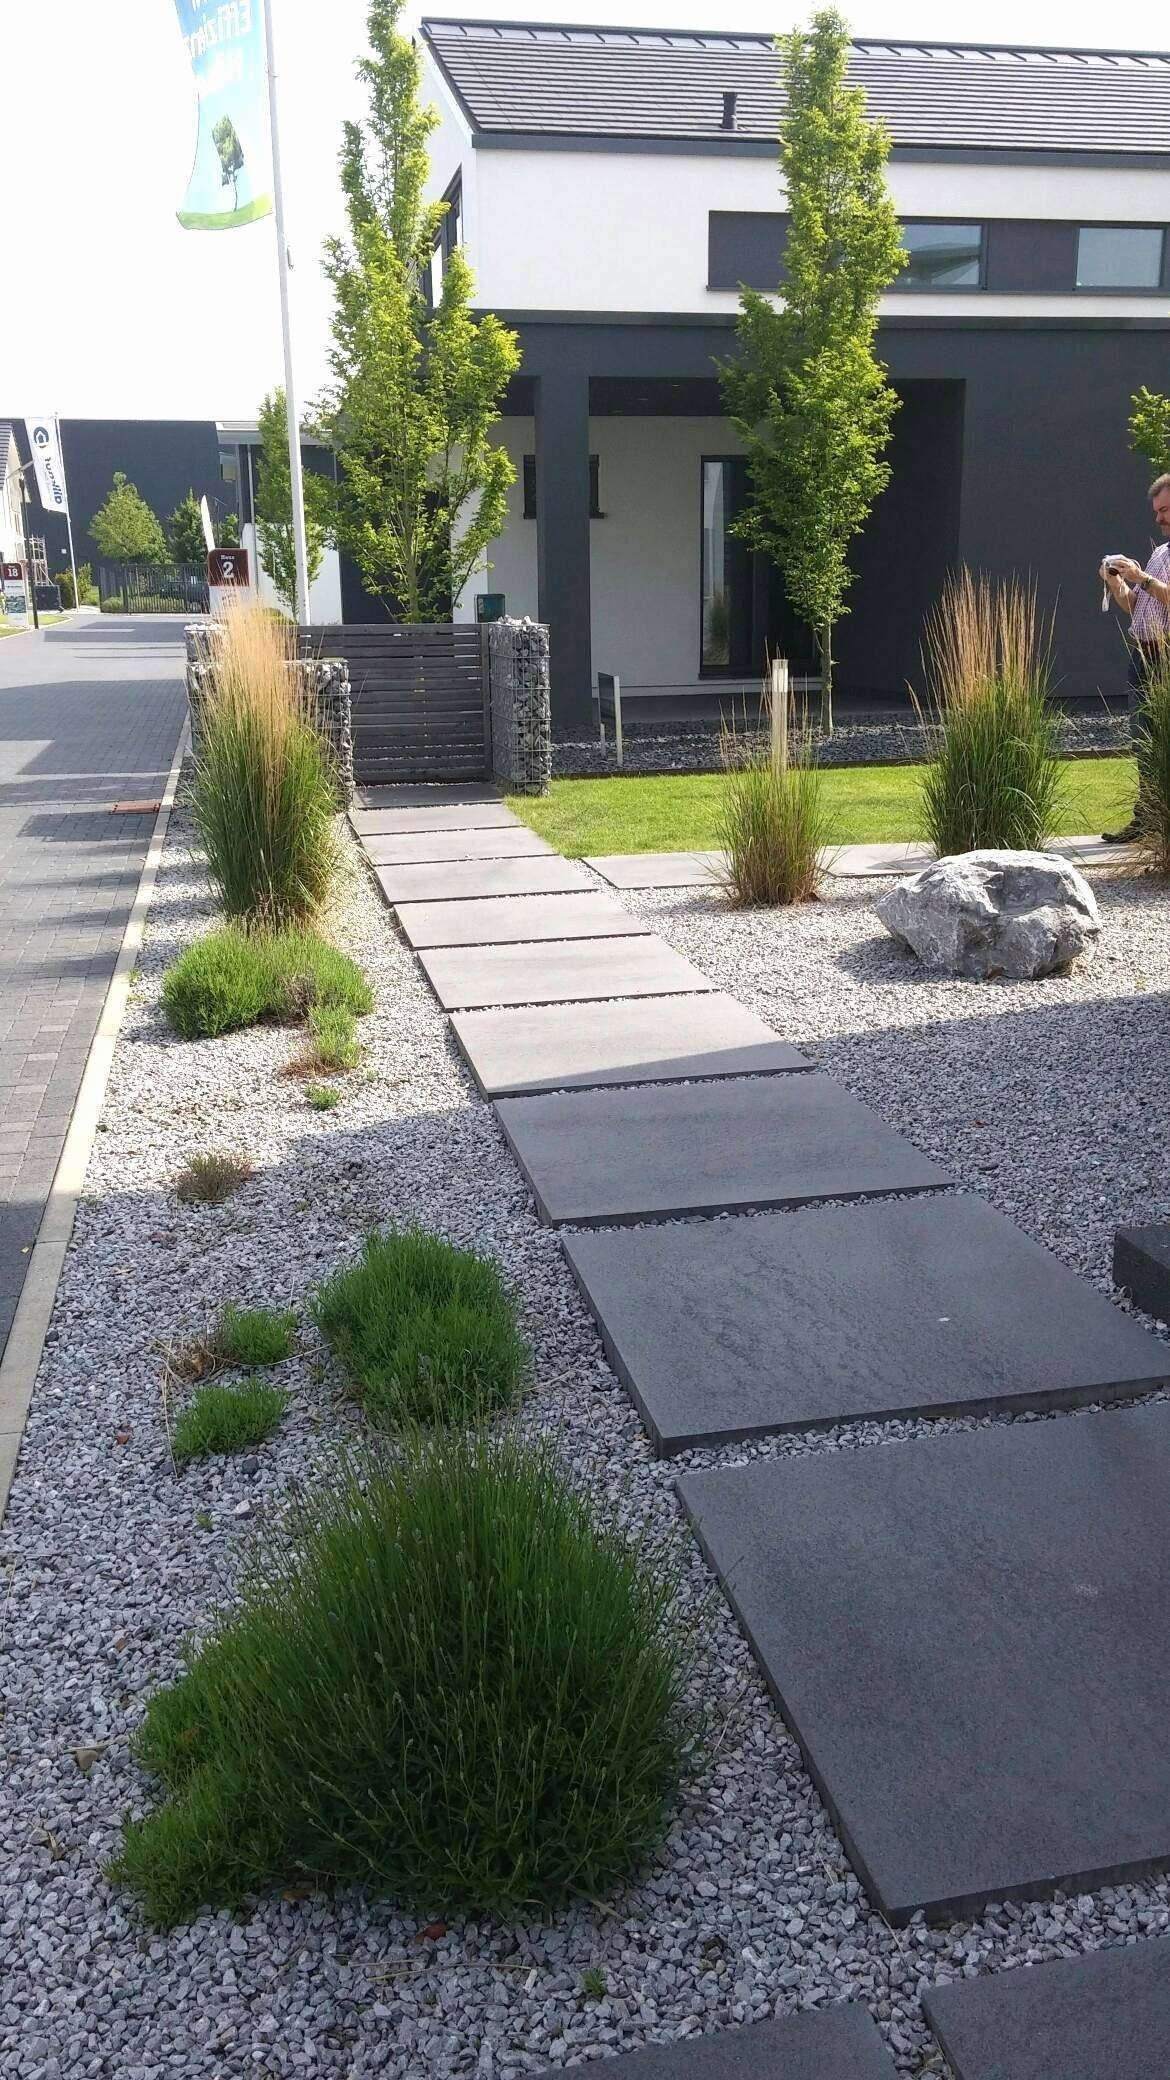 Garten Liegen Schön Garten Ideas Garten Anlegen Lovely Aussenleuchten Garten 0d